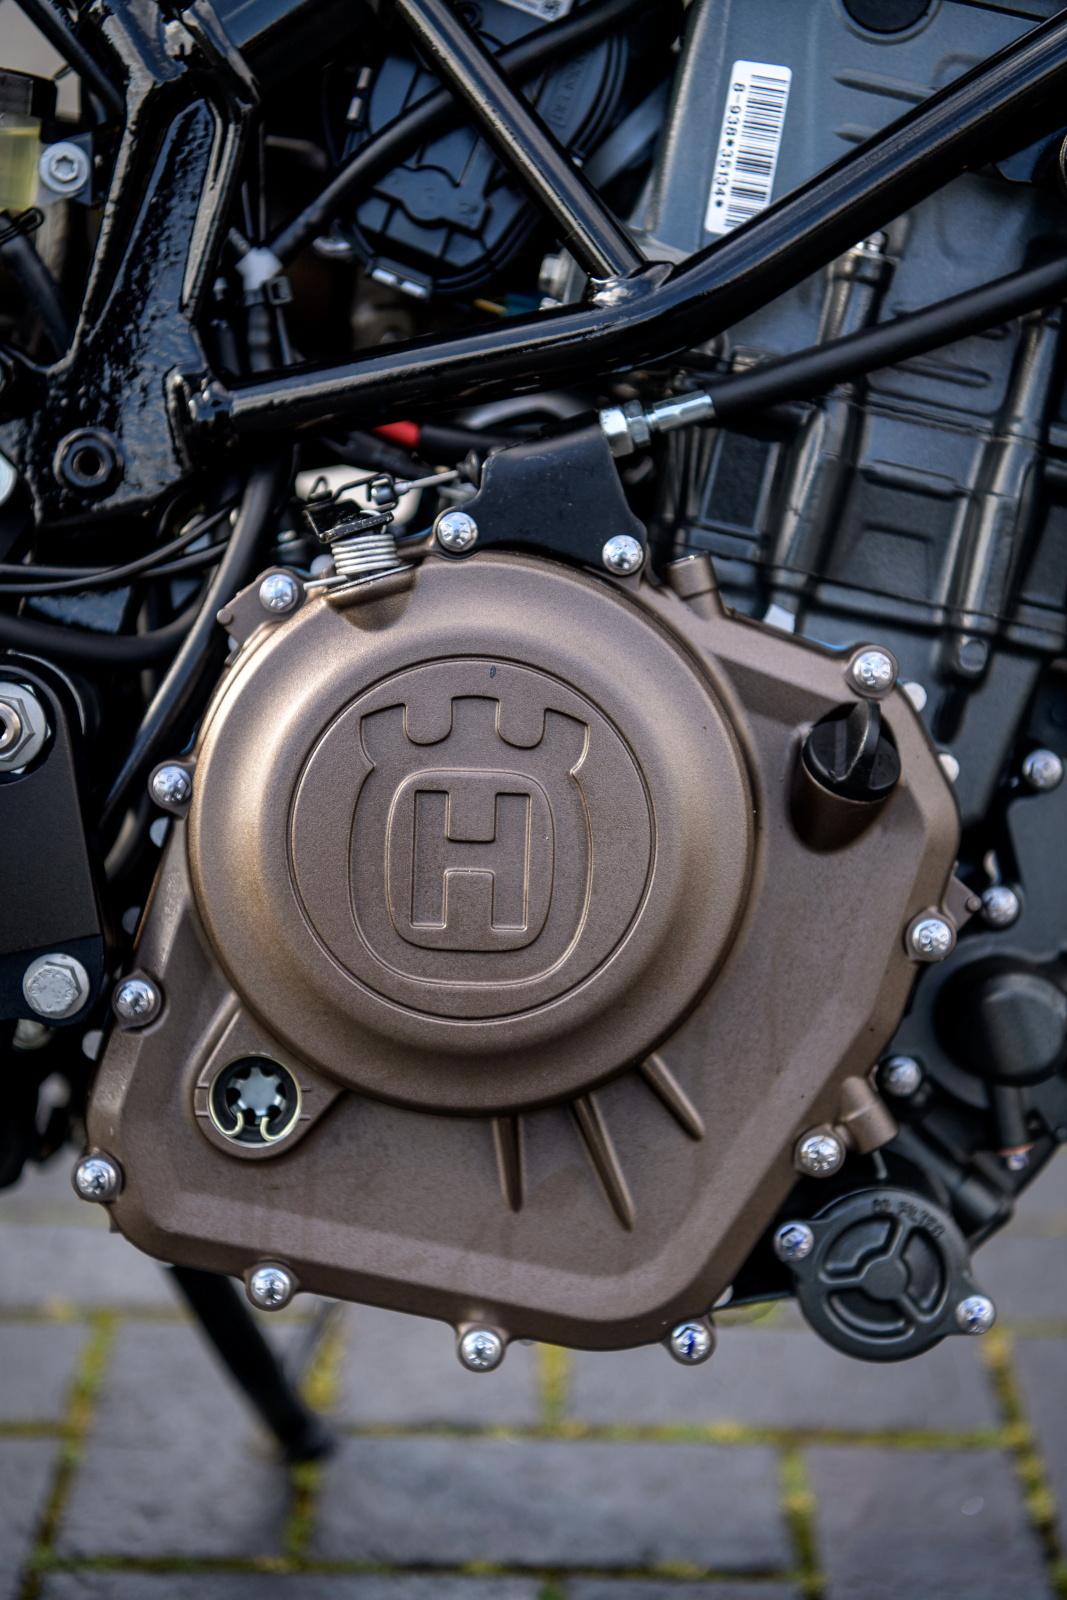 Husqvarna 401 engine